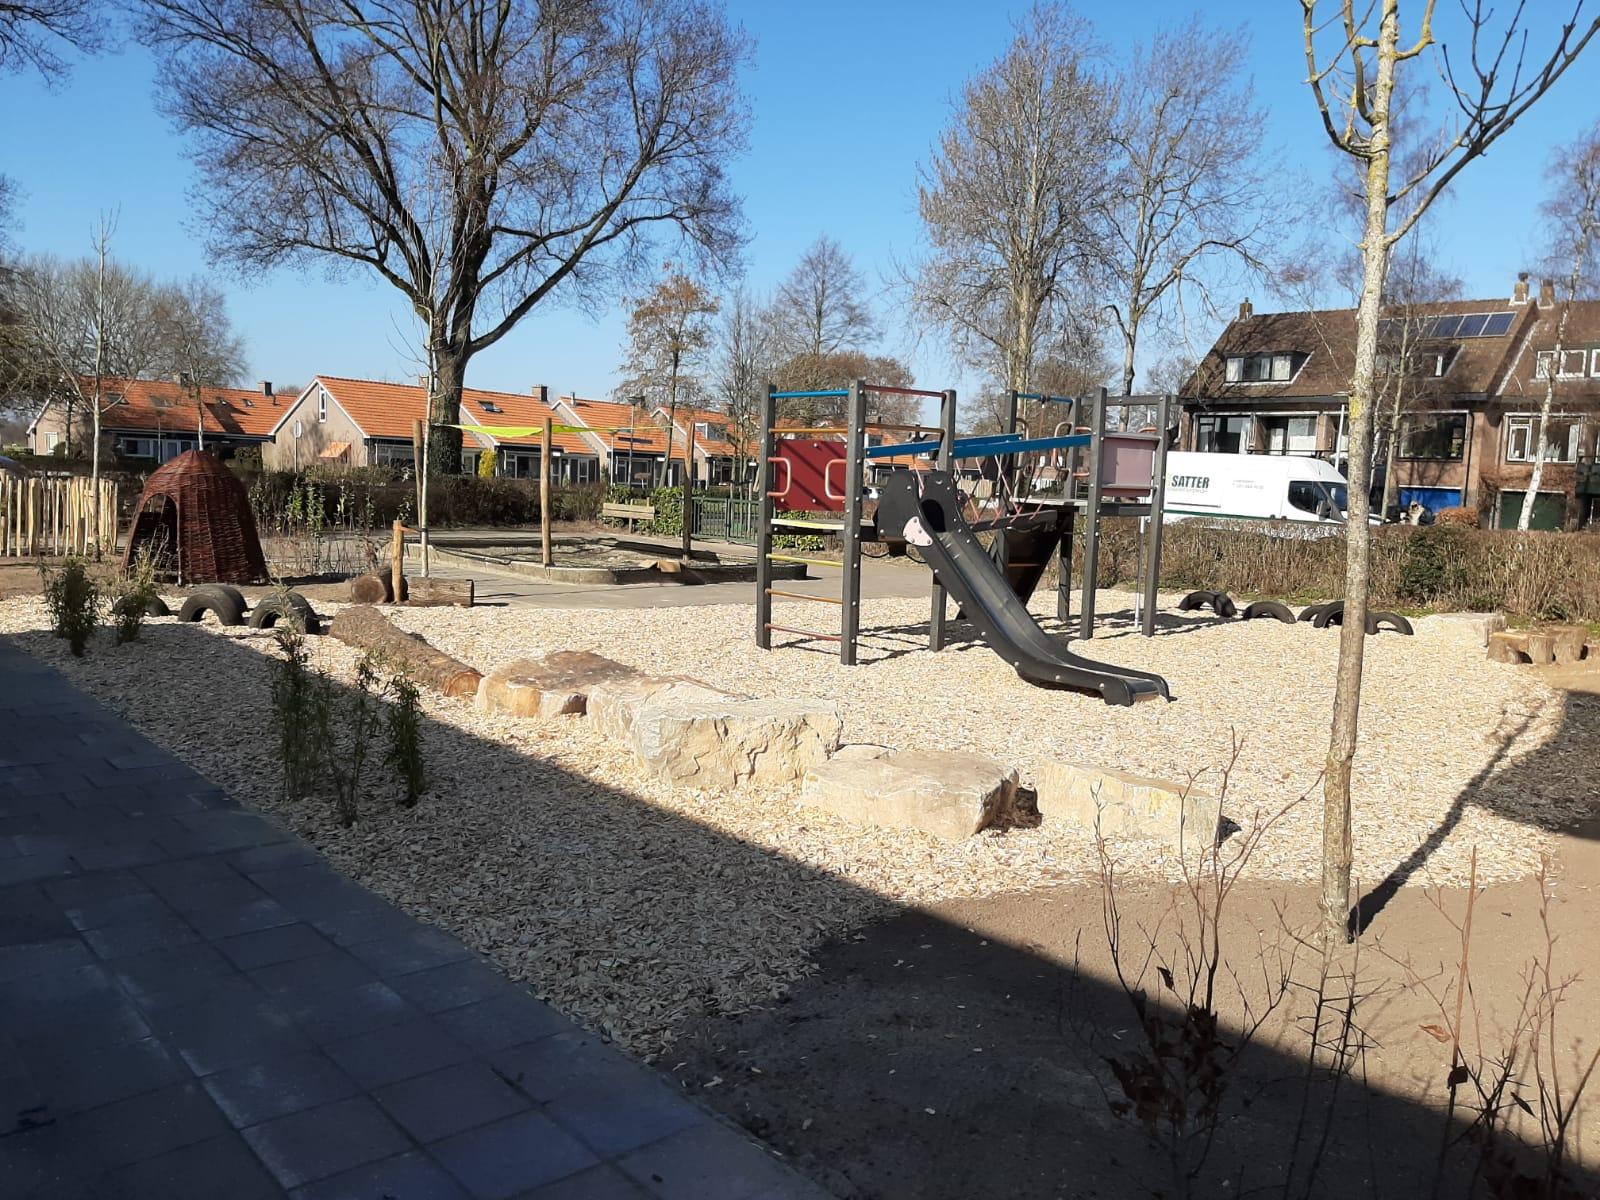 groen schoolplein glijbaan